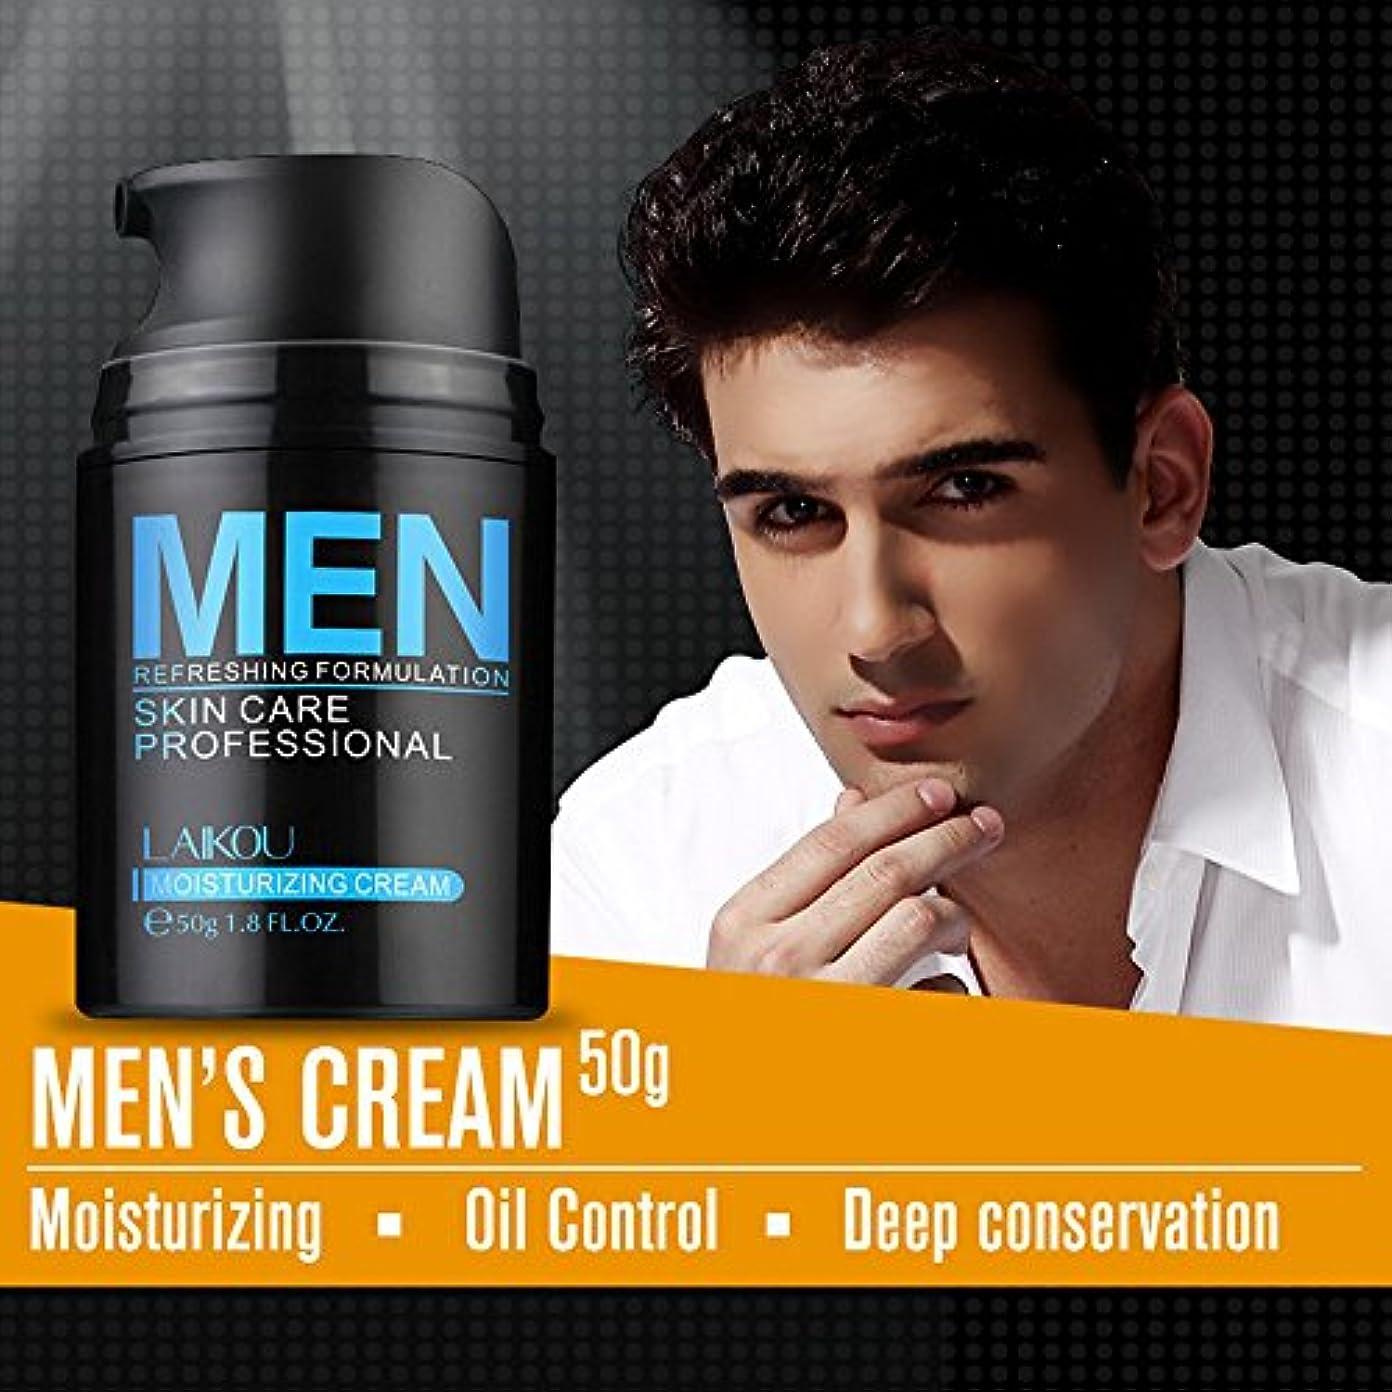 精通したではごきげんようアナニバーAkane LAIKOU 男子 押す 顔洗い 素敵 水分補給 オイルコントロール 保湿 すがすがしい 角質除去 クレンジング 浄化 使いやすい 洗顔料 アロエクリーム